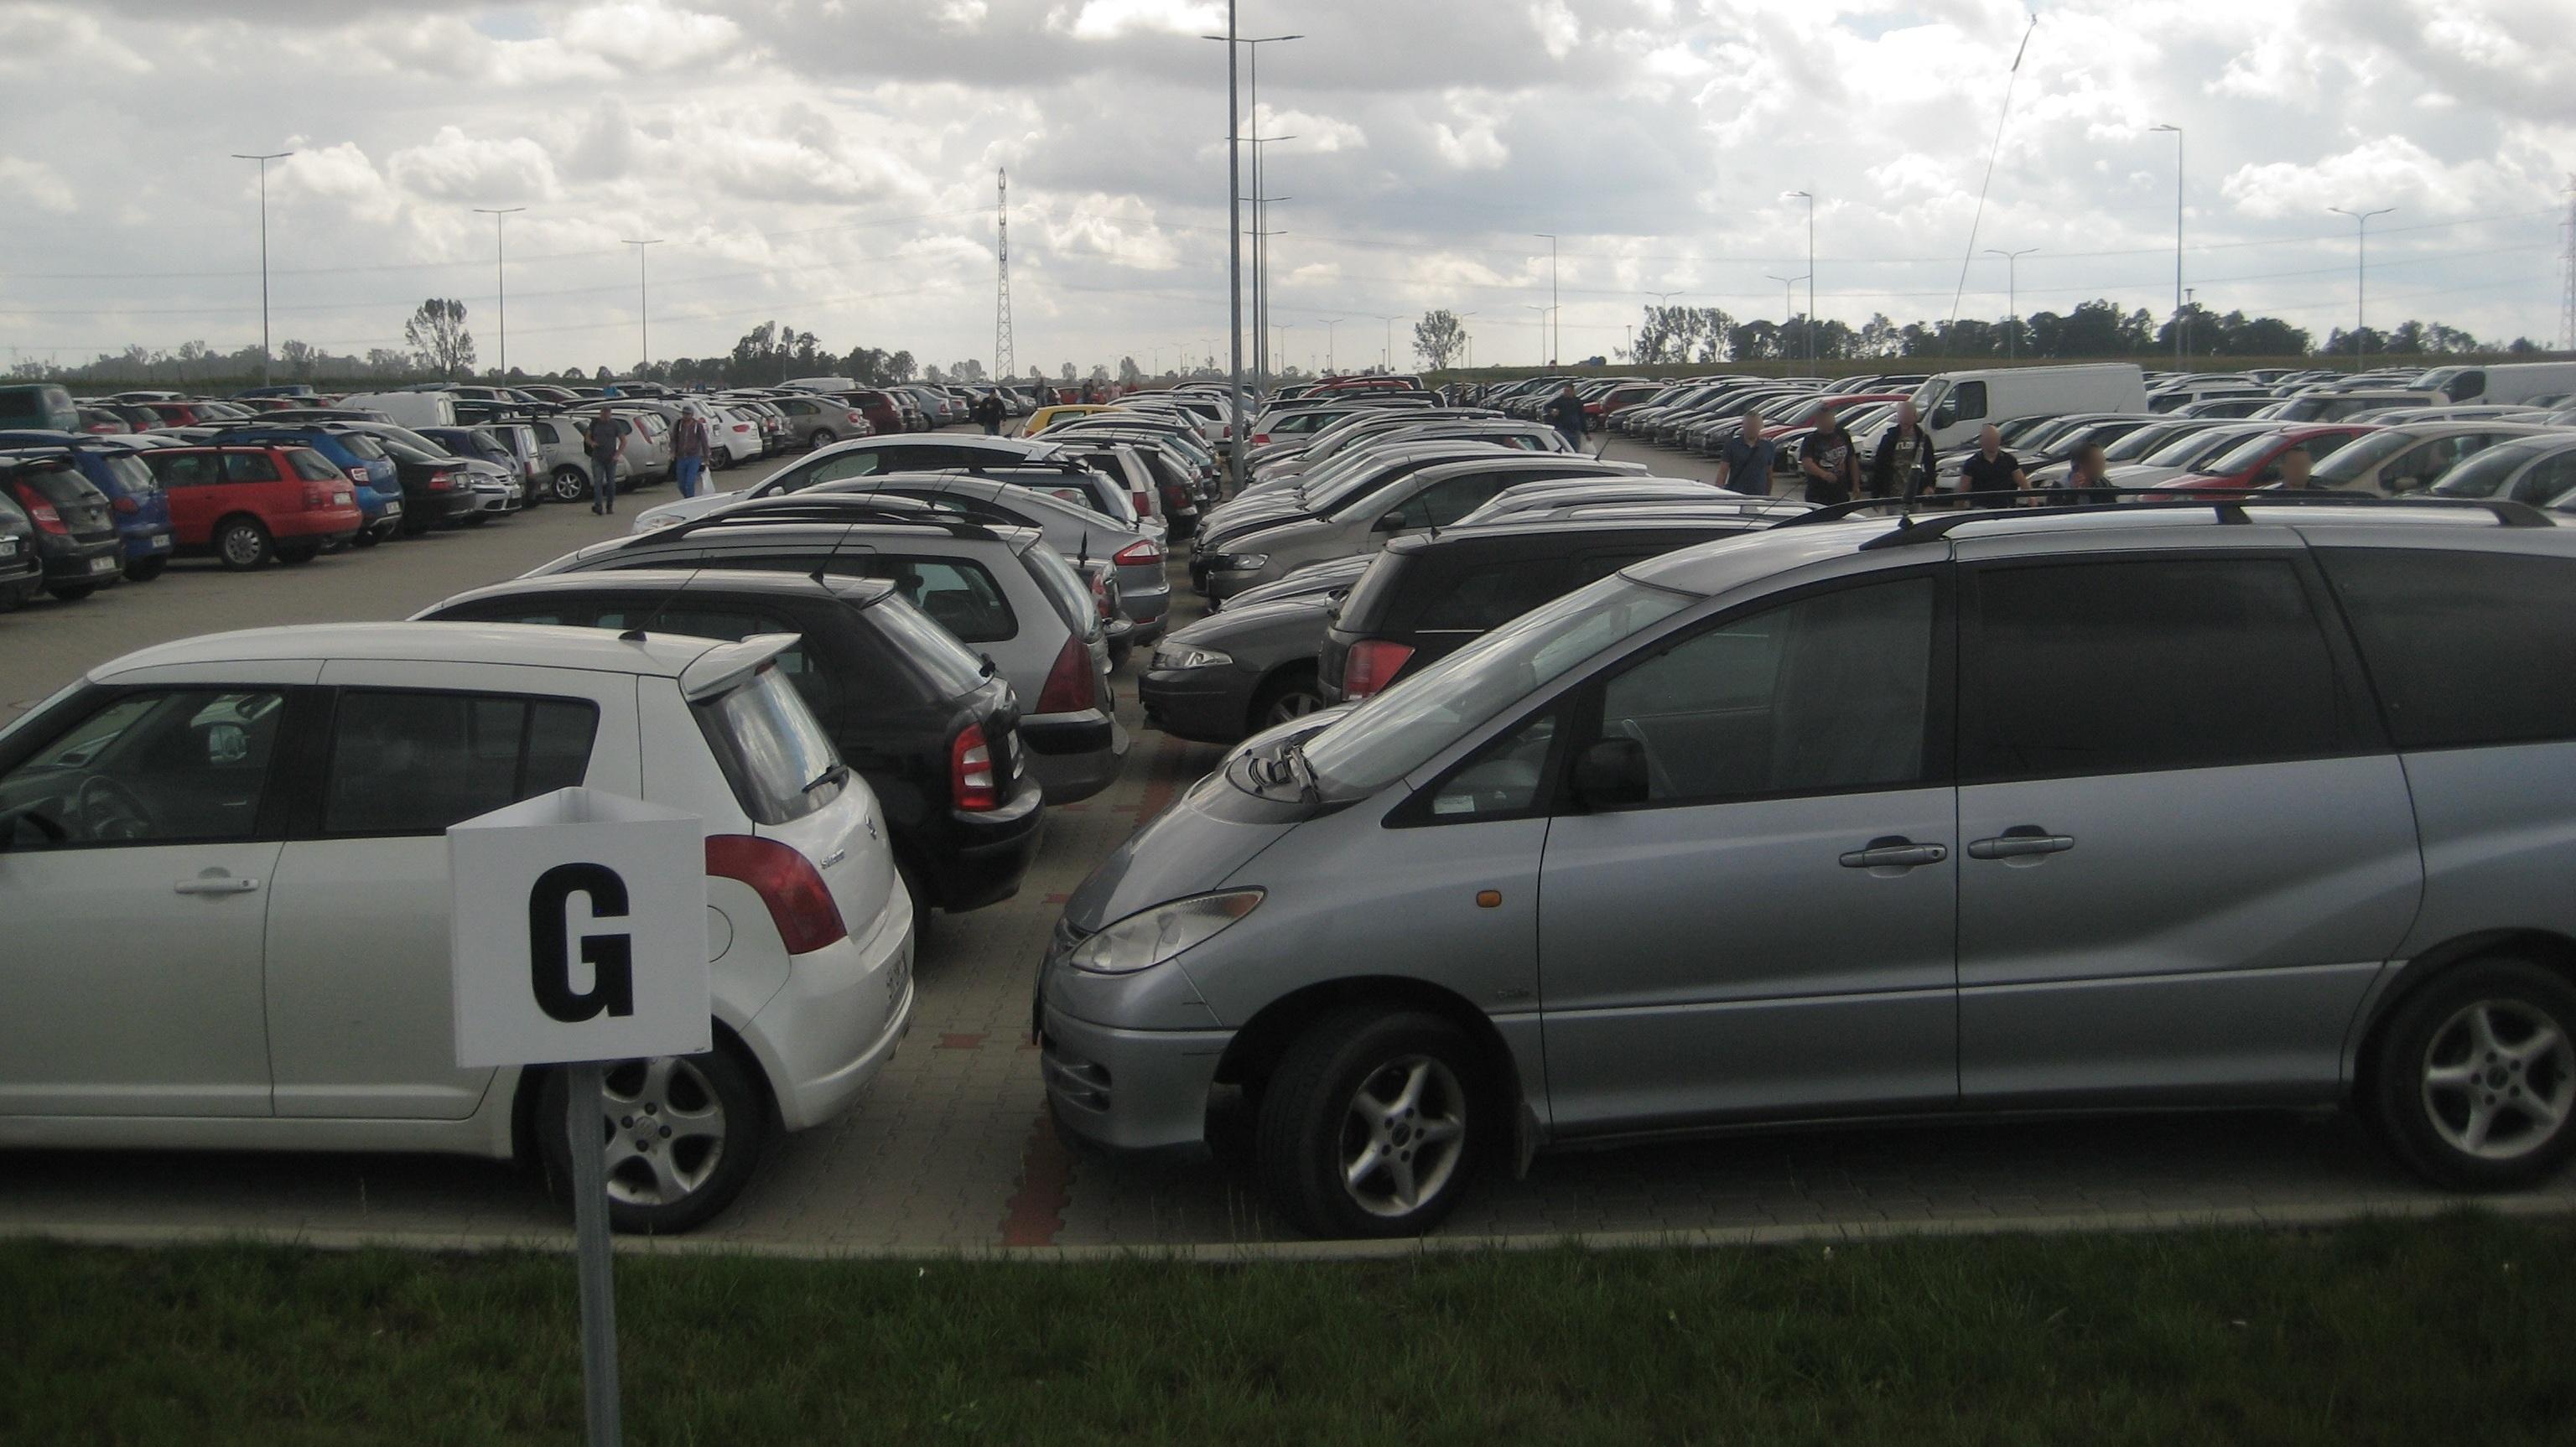 parking VW Volkswagen Września - Rafał Regulski